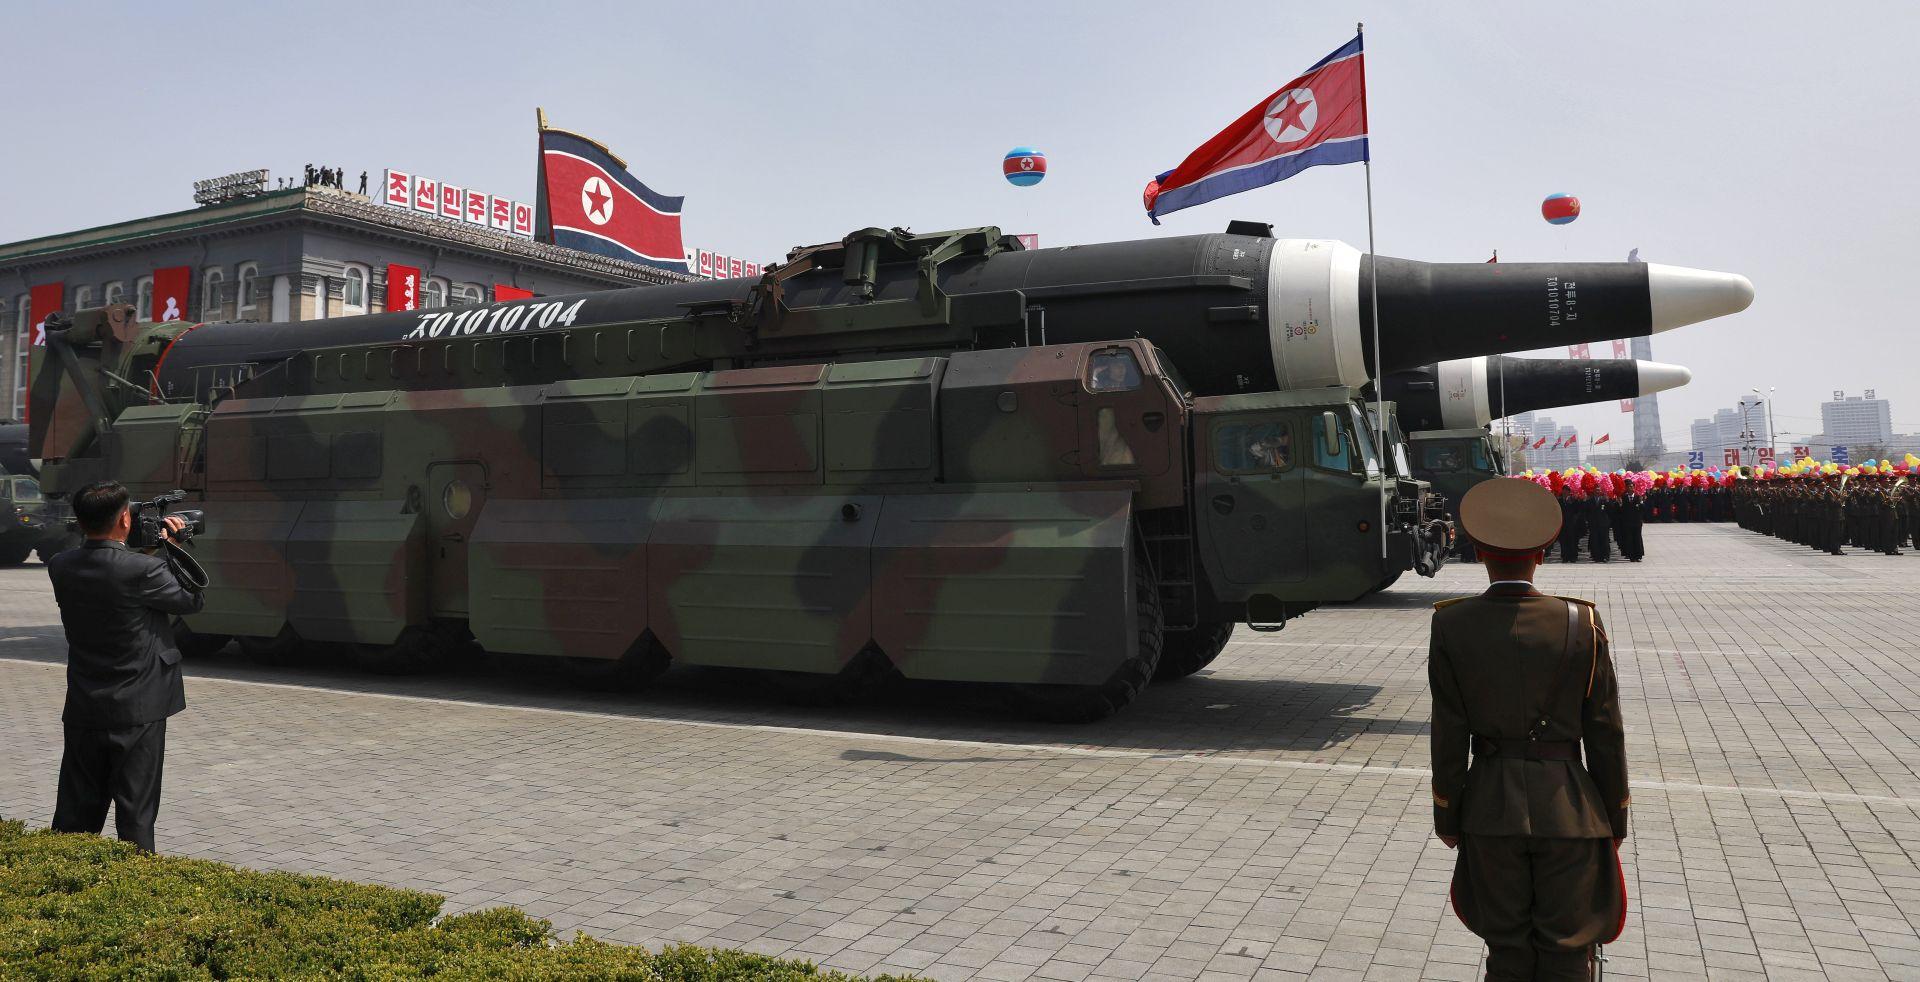 Vijeće sigurnosti UN-a nametnulo nove sankcije Sjevernoj Koreji zbog pokusnih ispaljivanja projektila